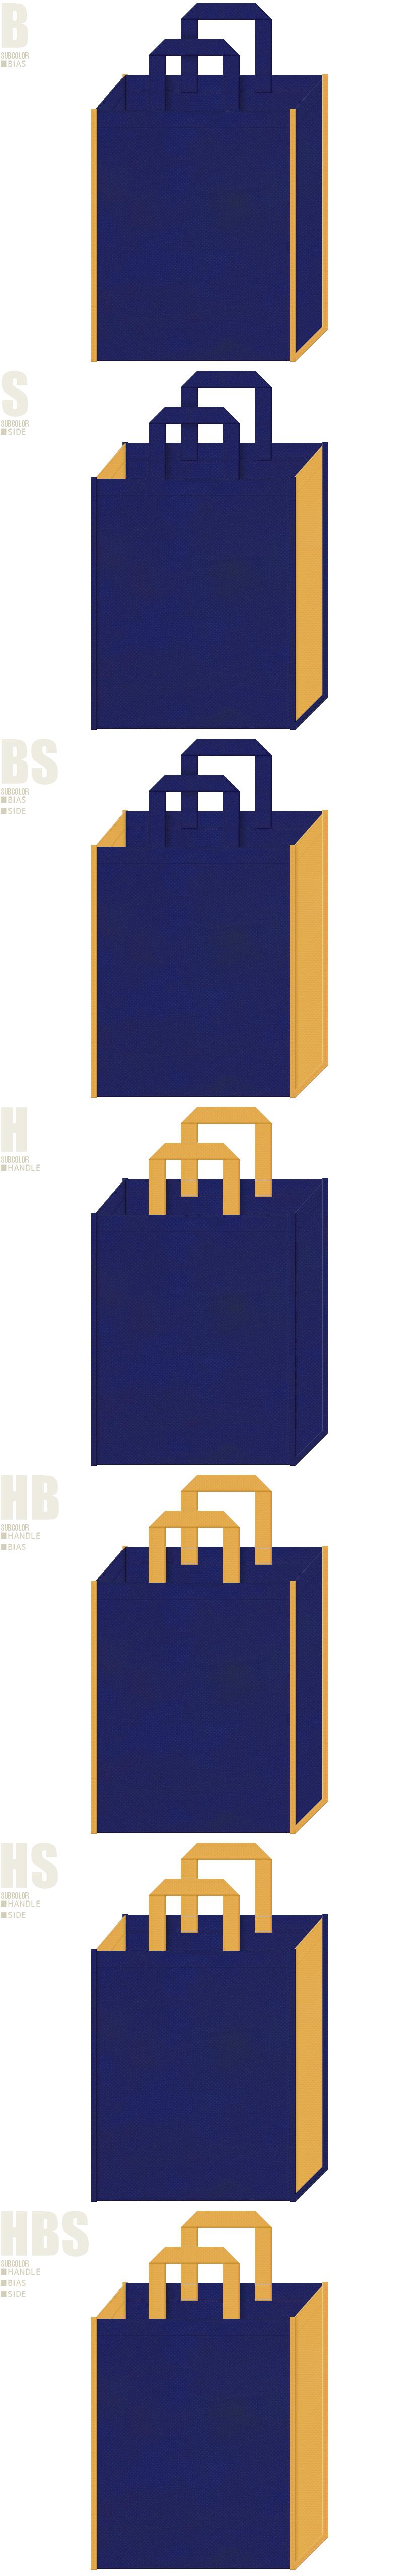 紺紫色と黄土色-7パターンの不織布トートバッグ配色デザイン例